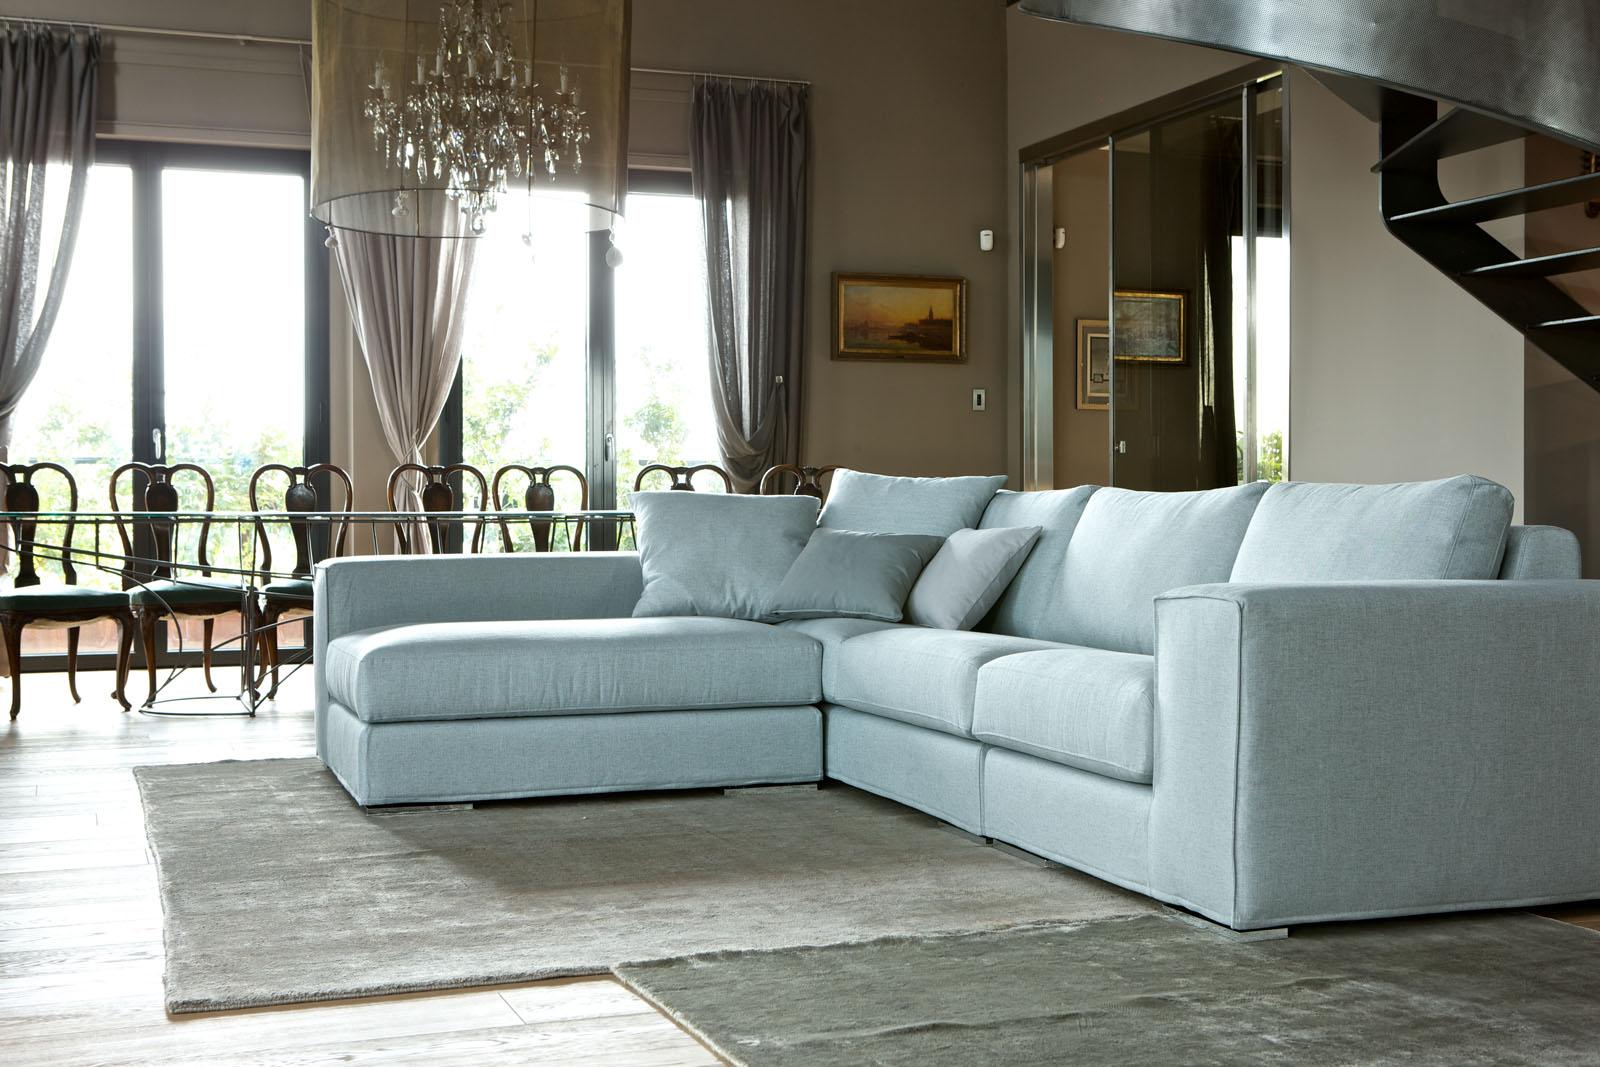 Divani blog tino mariani nuove immagini dei divani for Divani angolari design